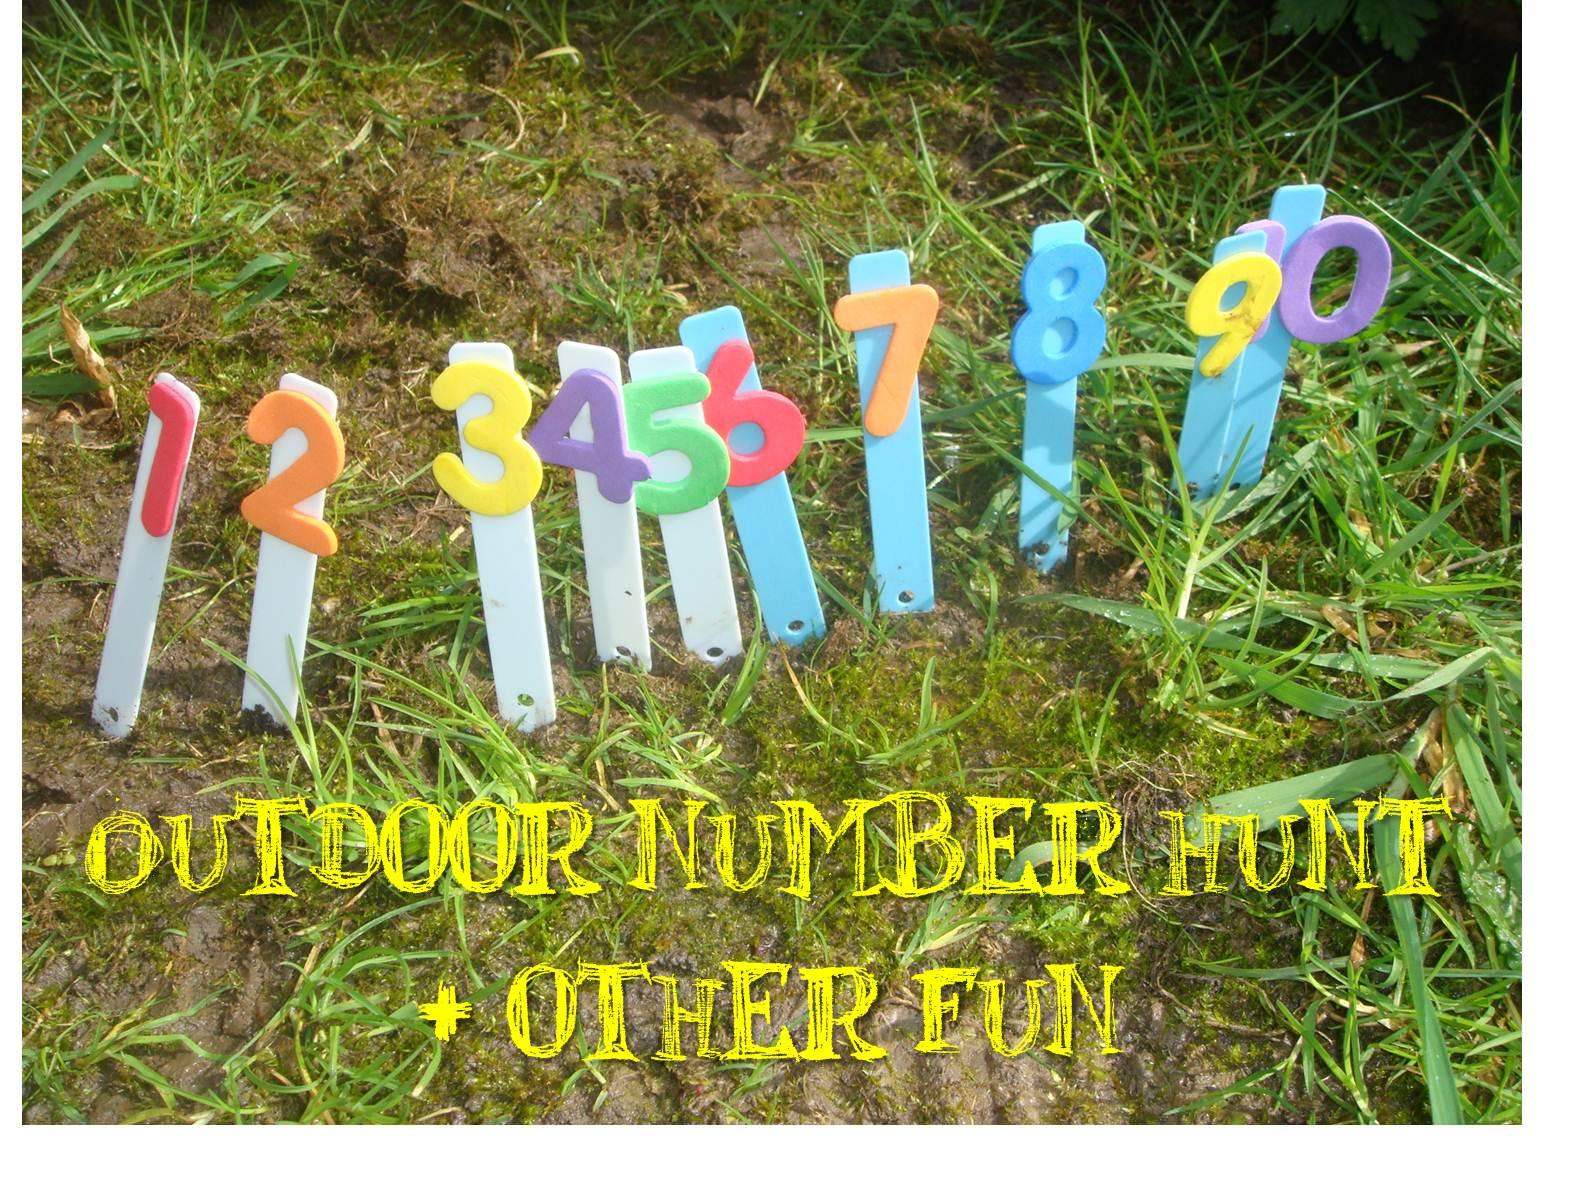 http://3.bp.blogspot.com/-XR0TPFR5dD4/T71MFr95EGI/AAAAAAAAASM/AZ96LBKEPTc/s1600/Outdoor%2Bnumbers.jpg